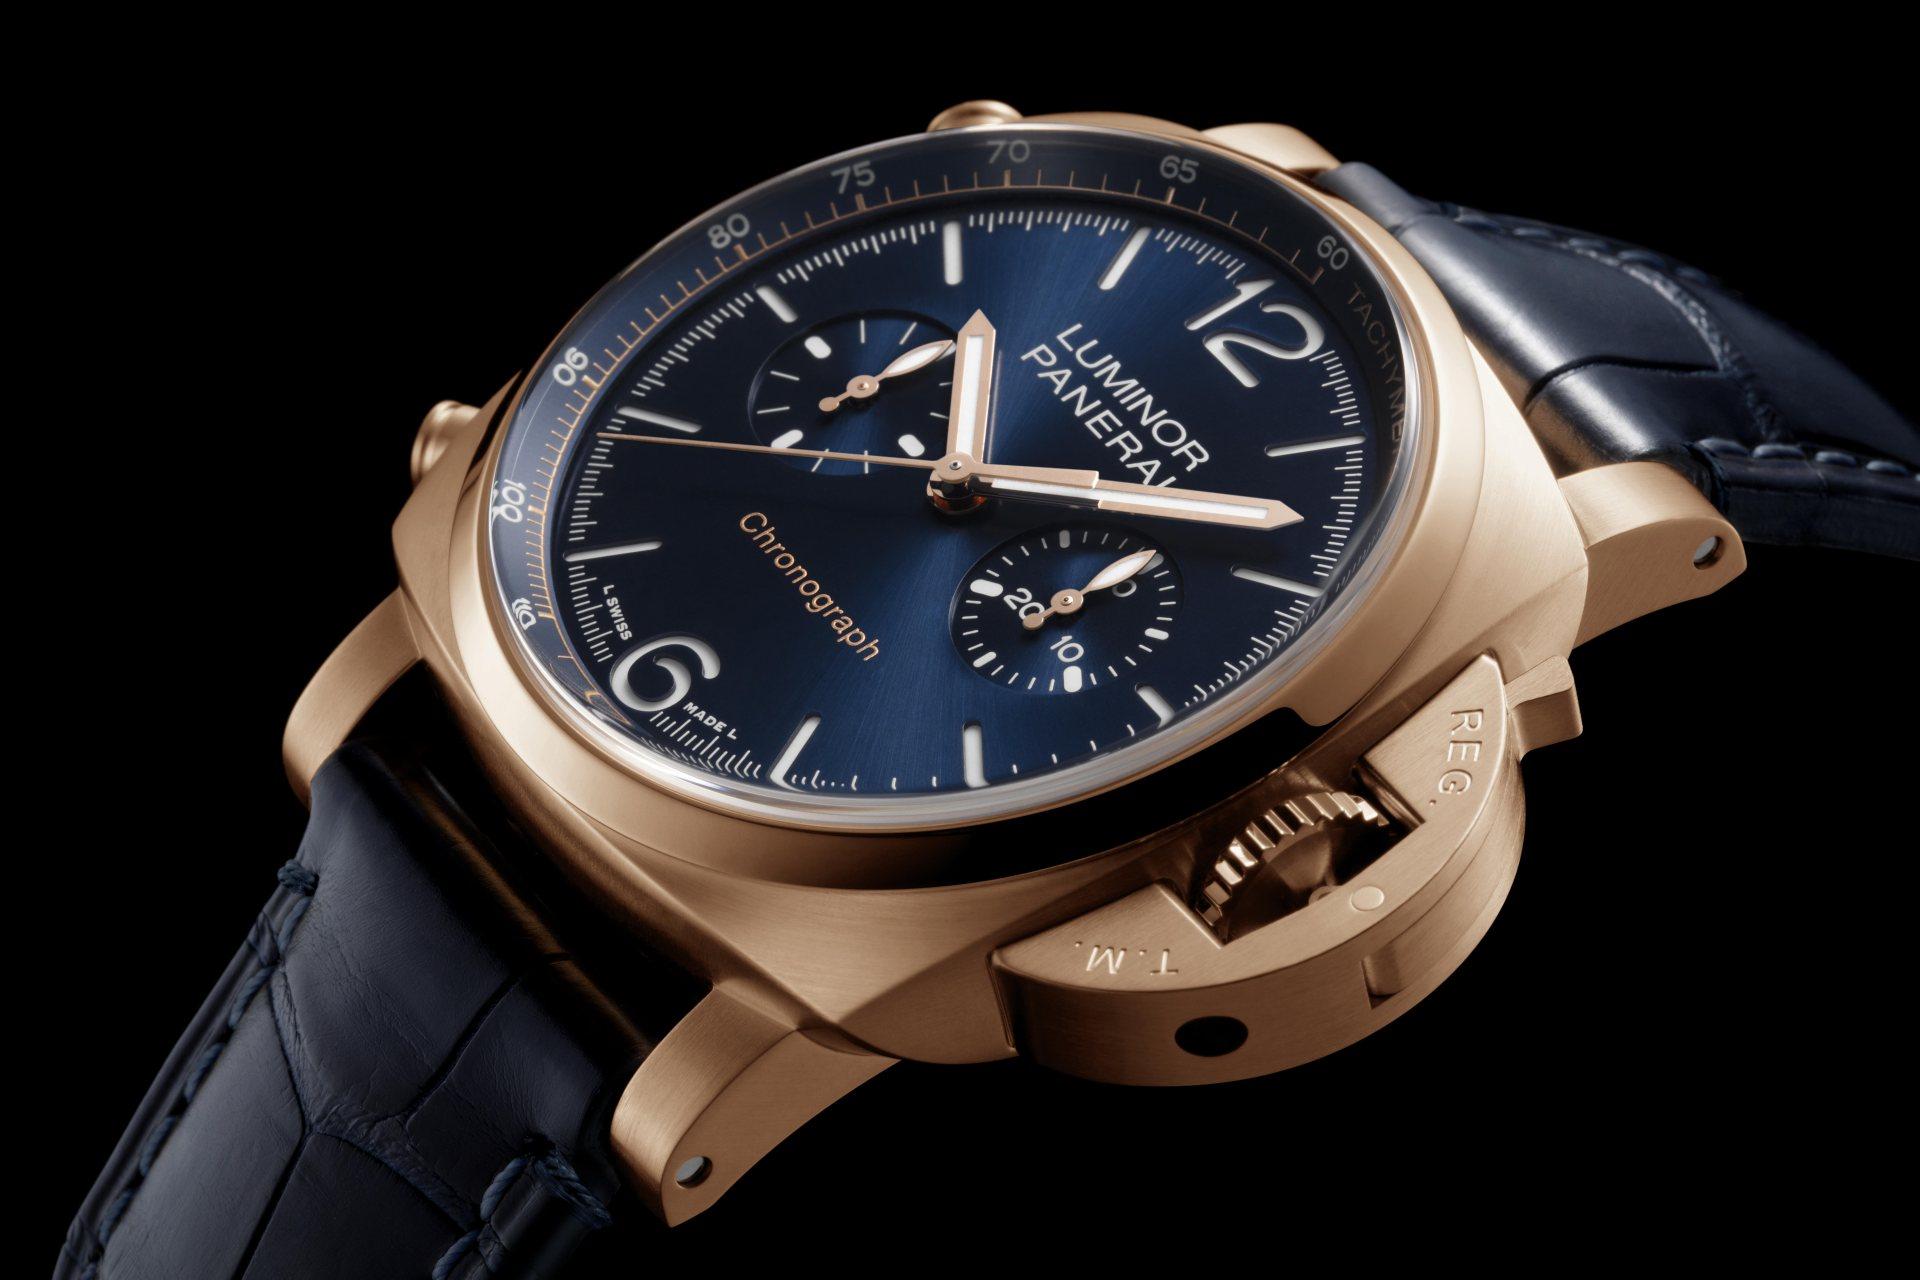 沛納海於上海「鐘錶與奇蹟」鐘錶展推出兩款嶄新Goldtech紅金腕錶